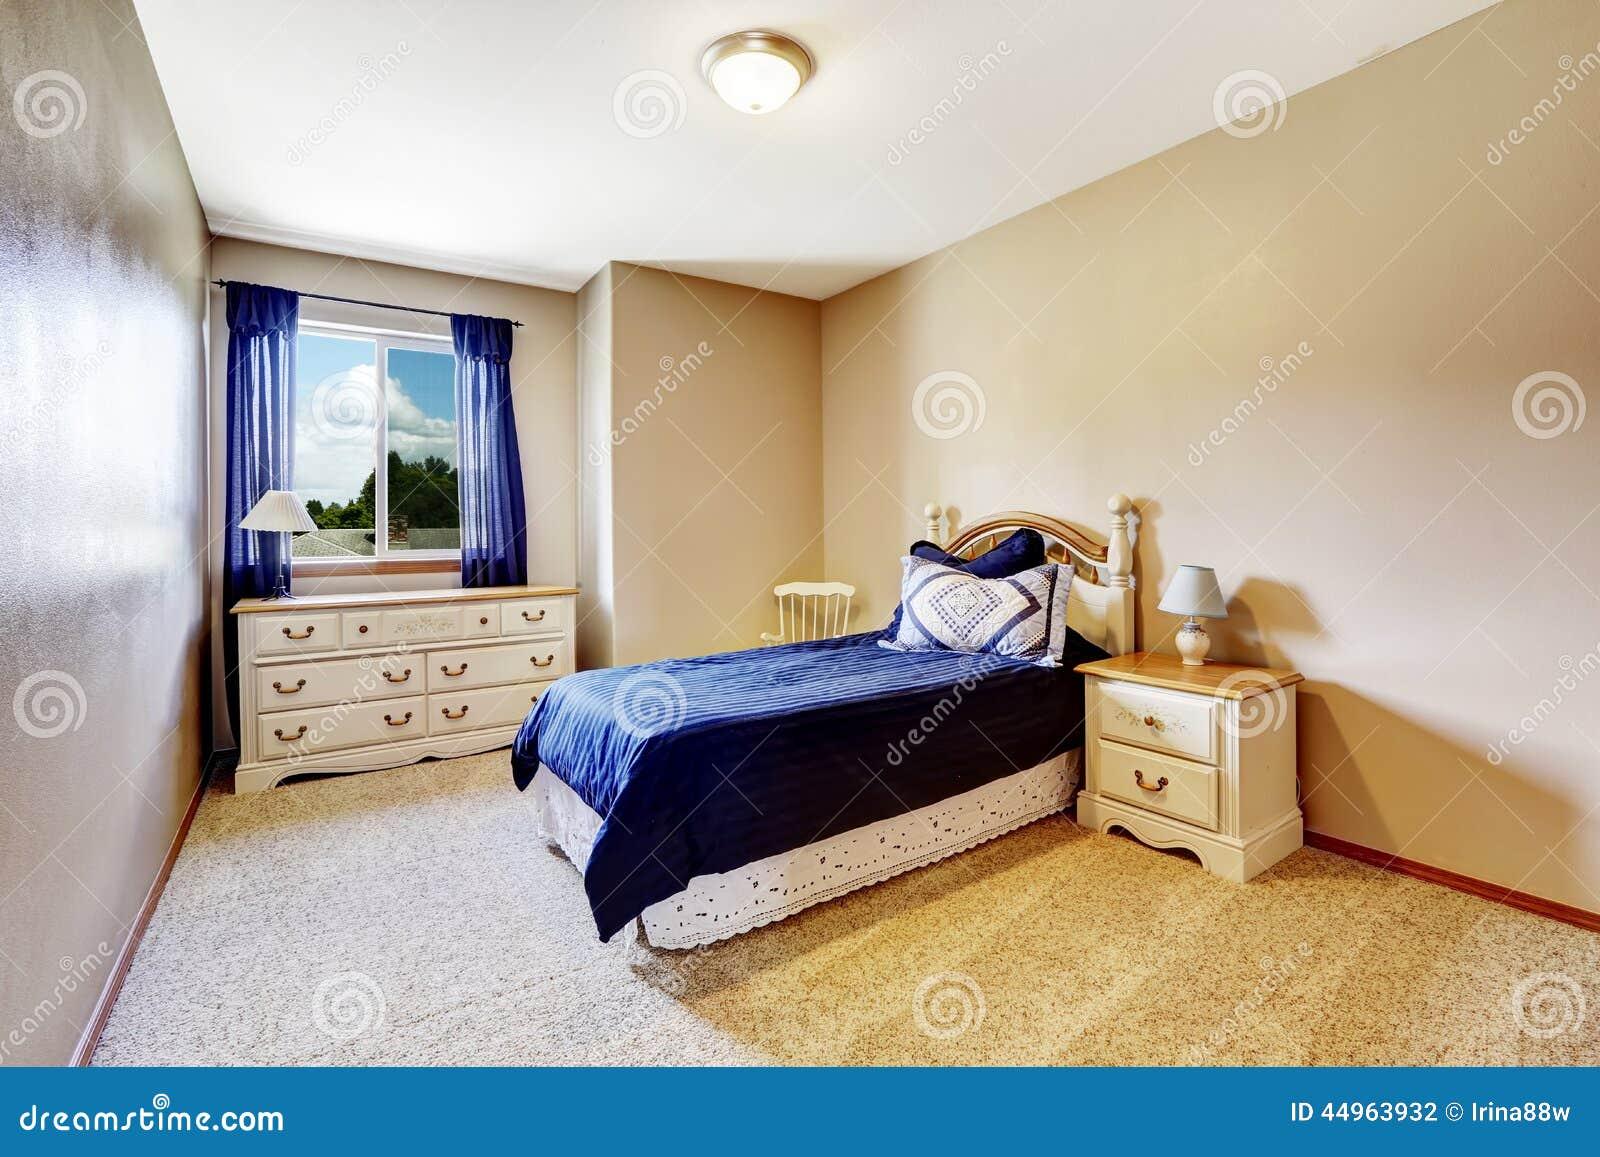 Int rieur de chambre coucher avec la literie et les for Interieur de chambre a coucher